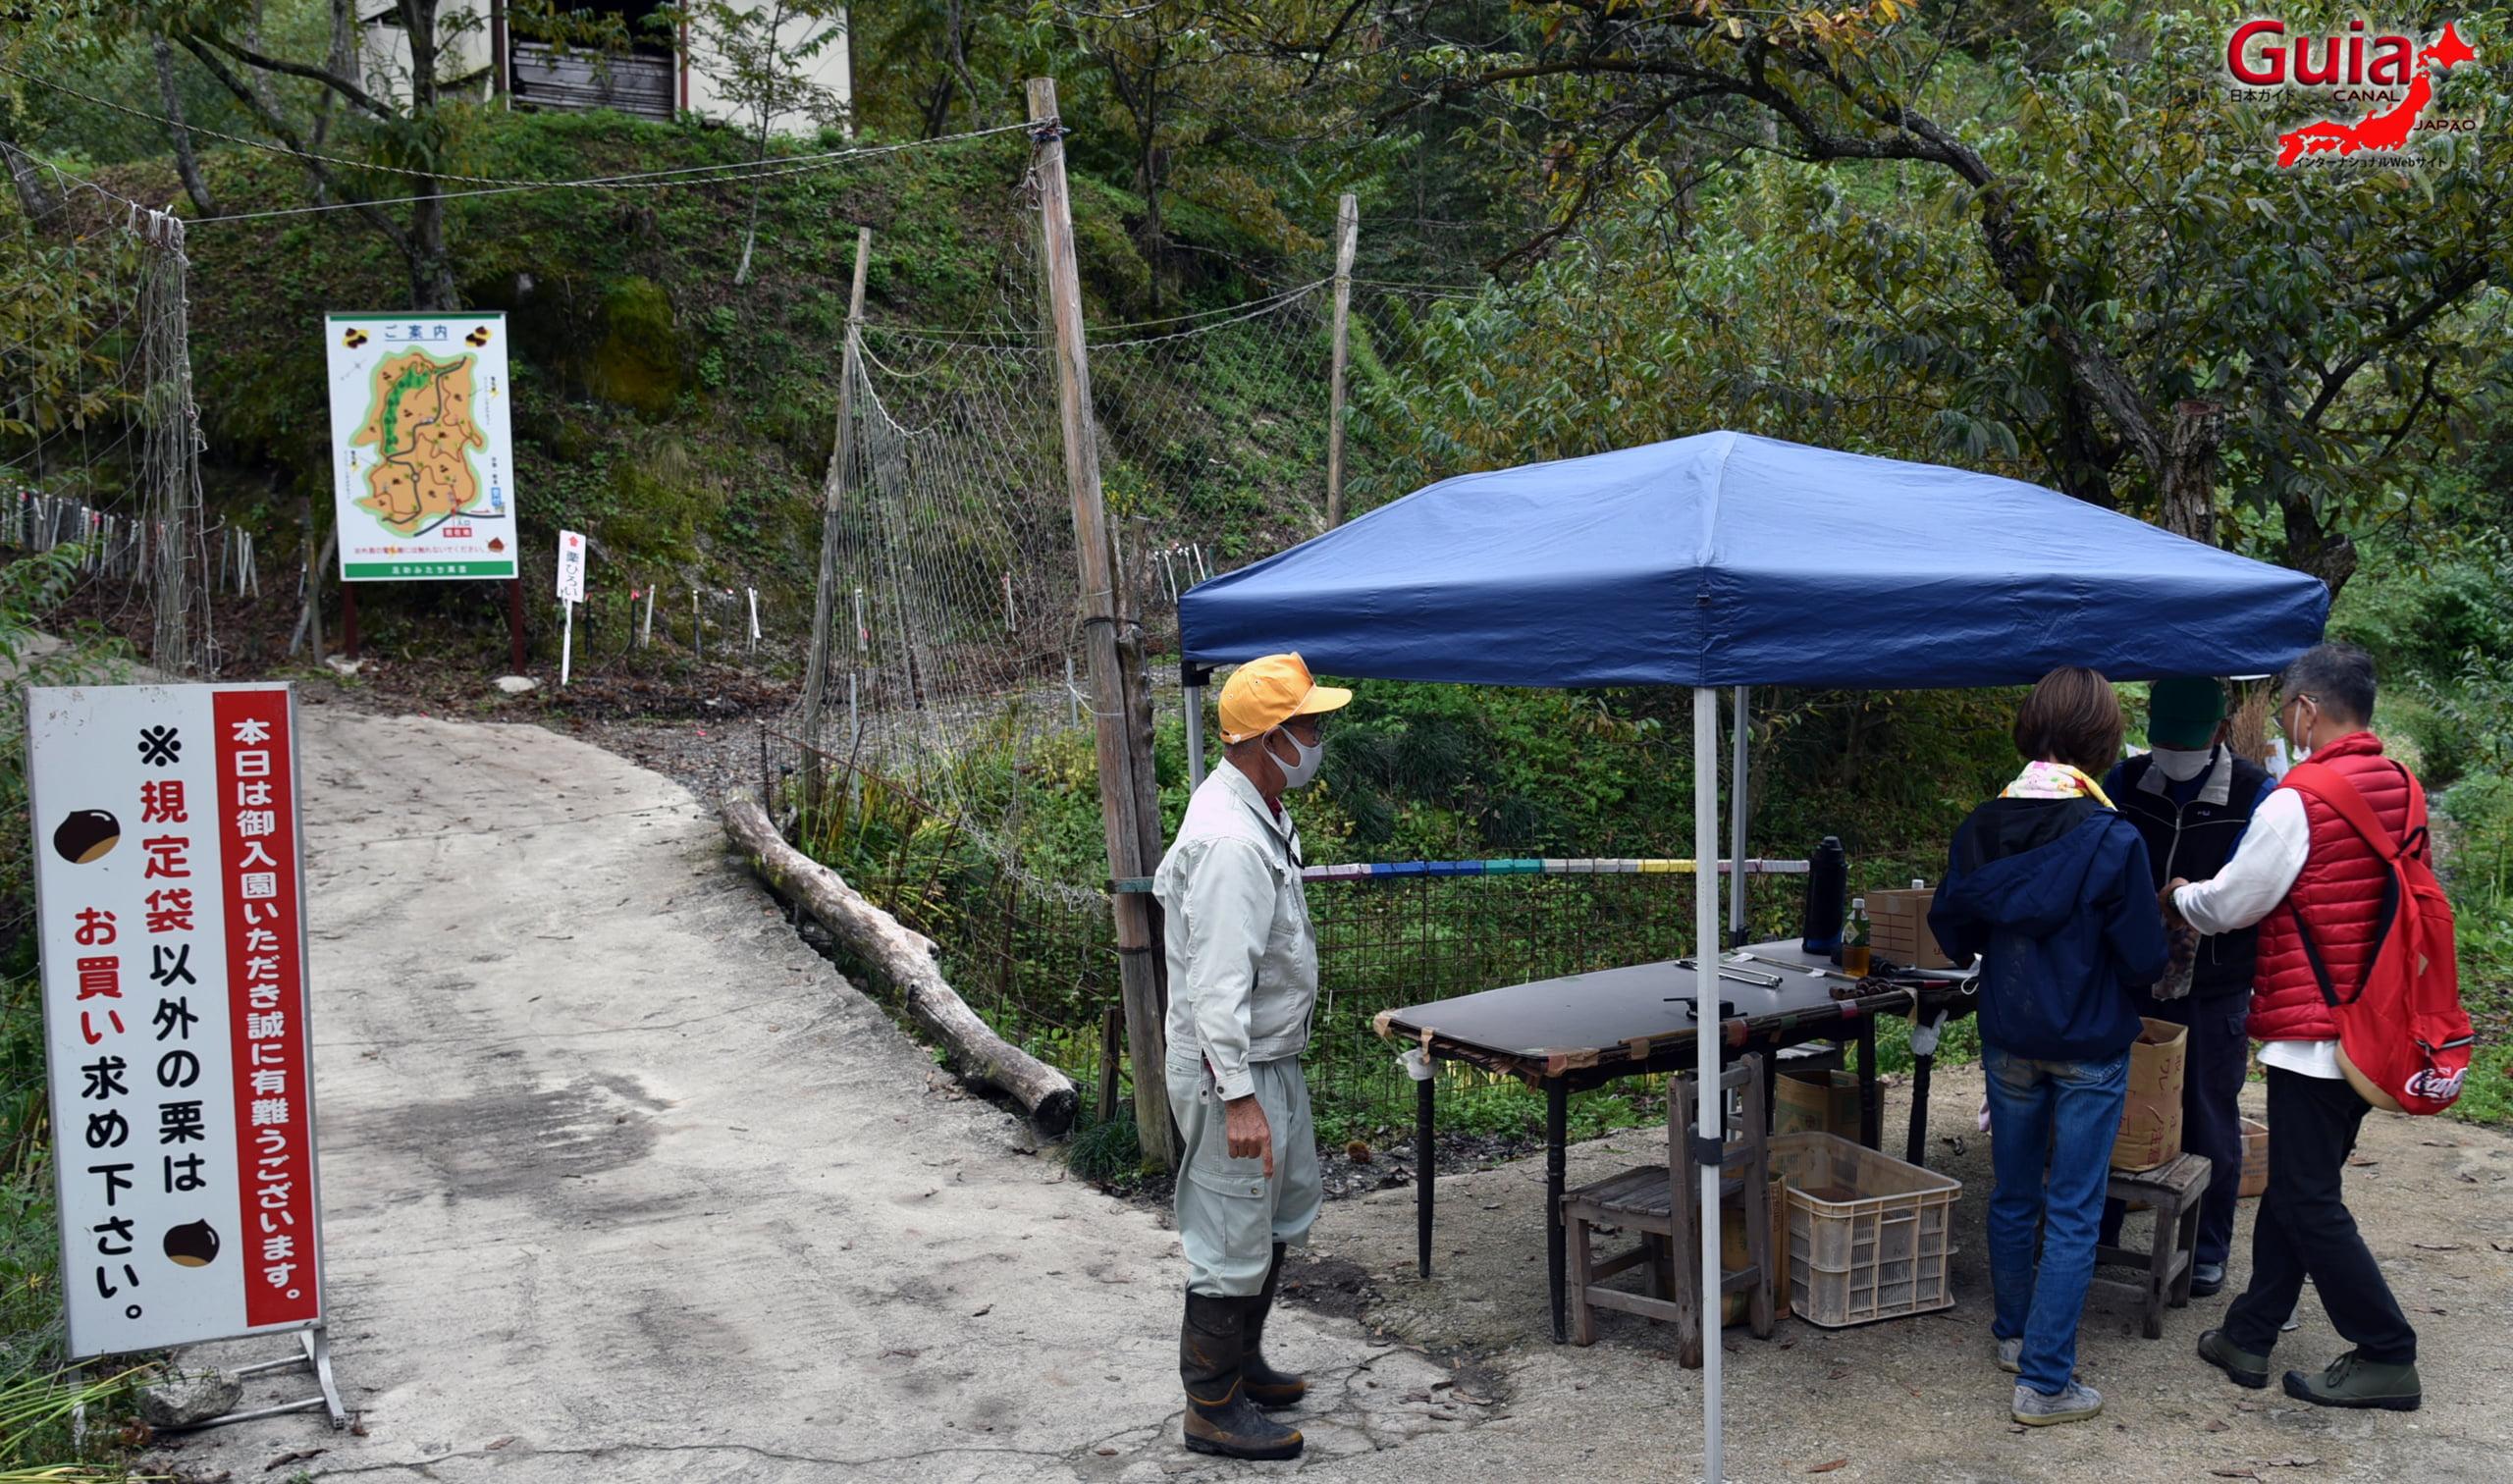 Asukemitachikurien - Colhendo Castanhas 2